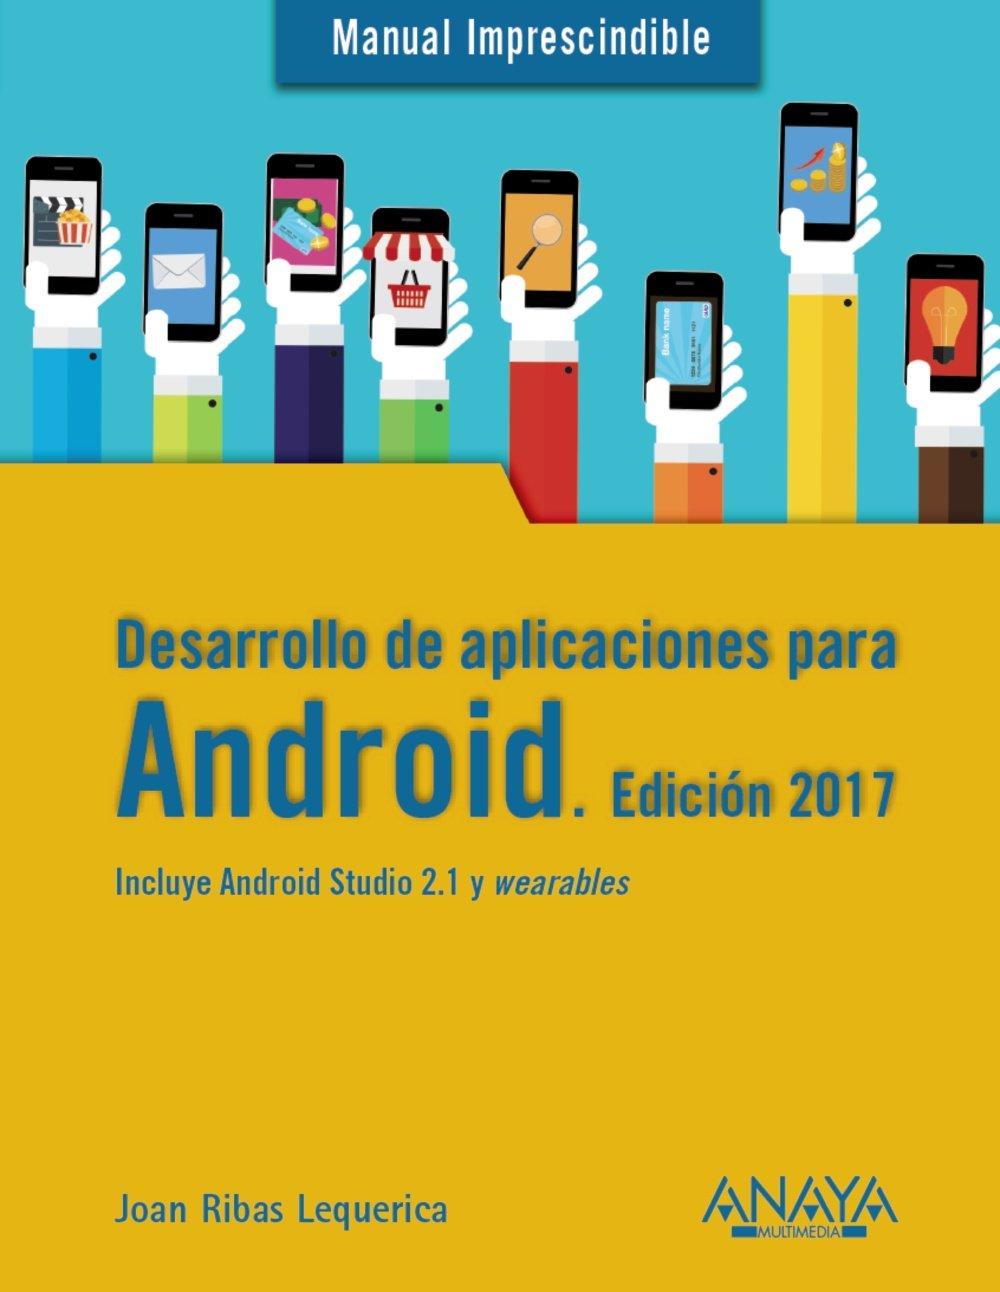 Desarrollo de aplicaciones para Android. Edición 2017 (Manuales Imprescindibles) Tapa blanda – 2 jun 2016 Joan Ribas Lequerica ANAYA MULTIMEDIA 8441538093 UMSUDH